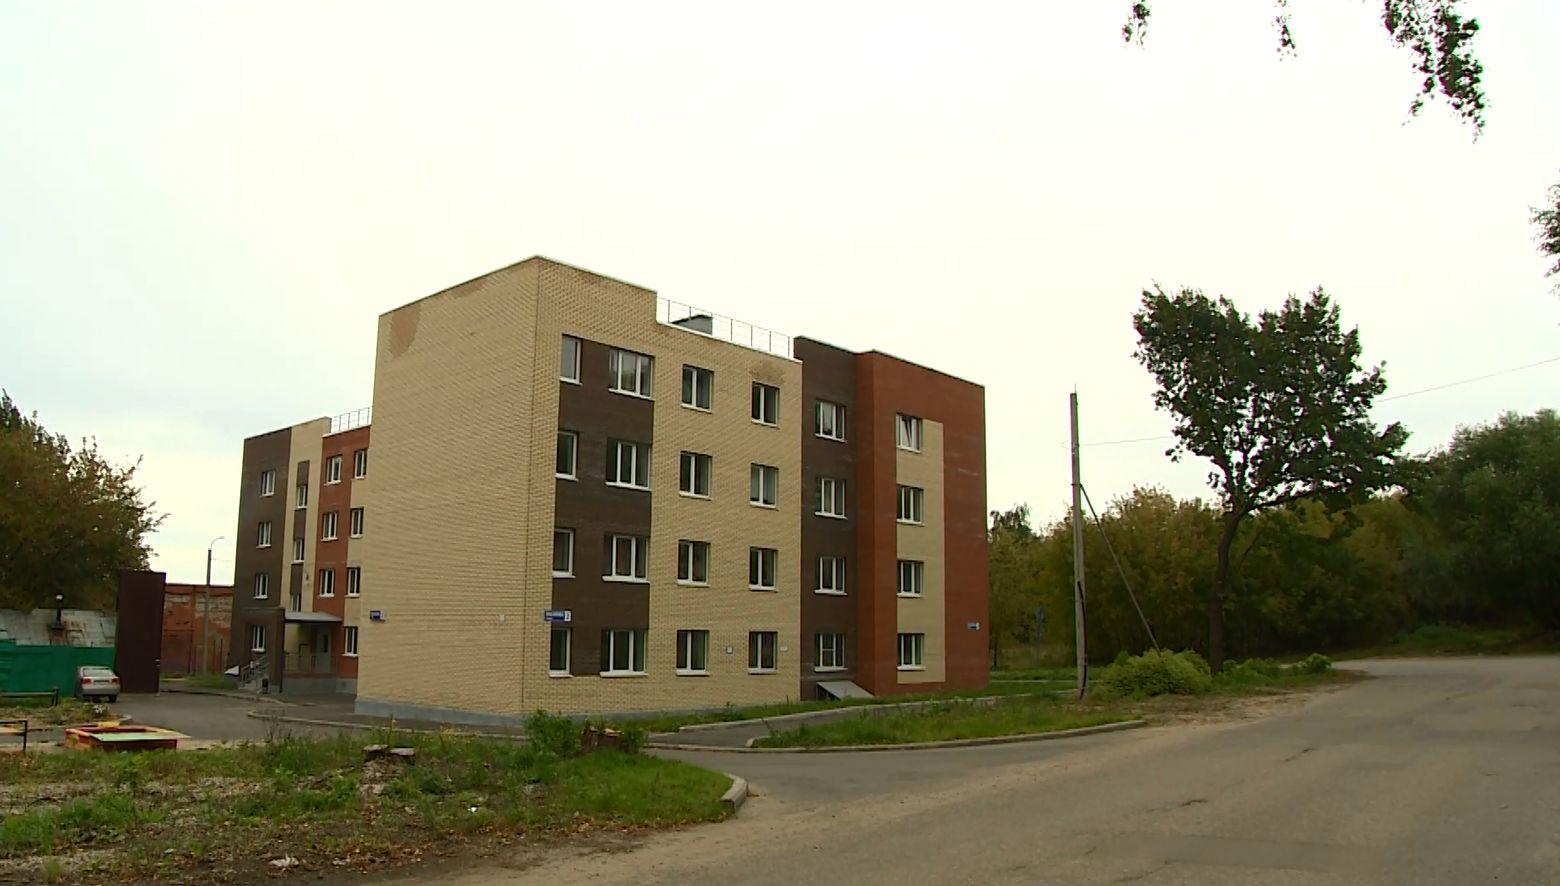 Новосёлам дома на Посохова, 2 в Ярославле, спустя 2 месяца, дали и горячую воду, и отопление